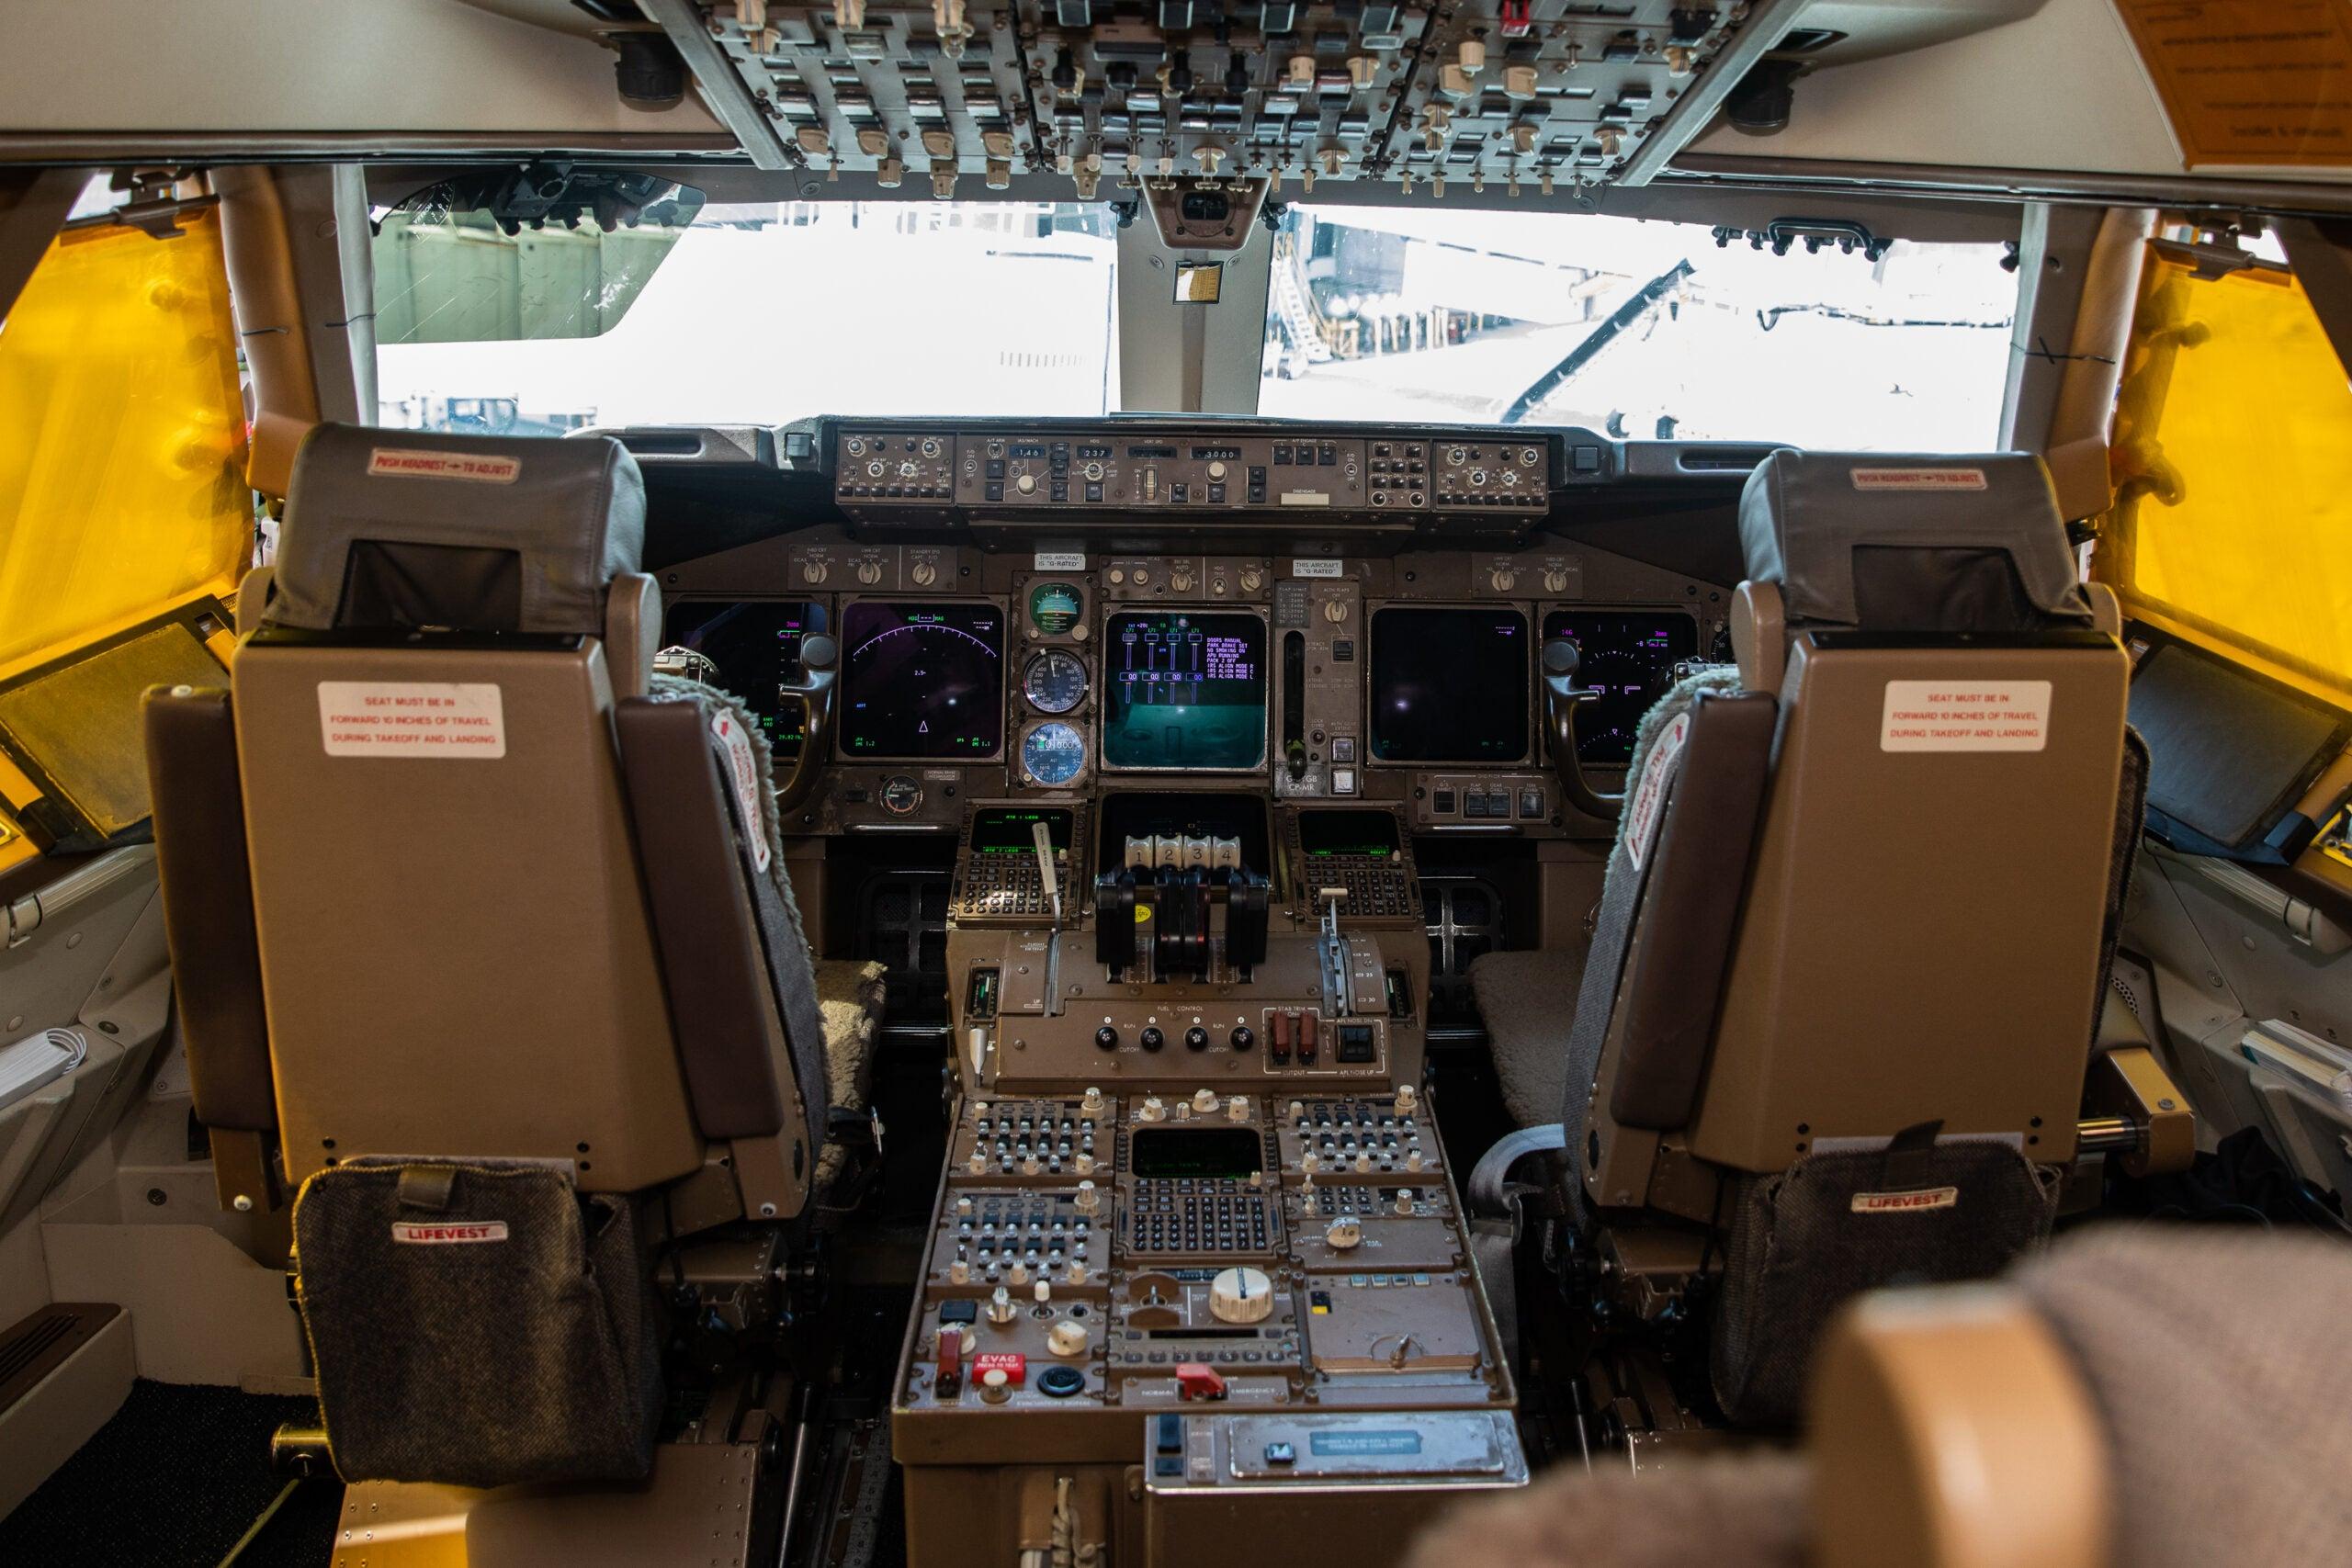 The flight deck of a British Airways 747-400